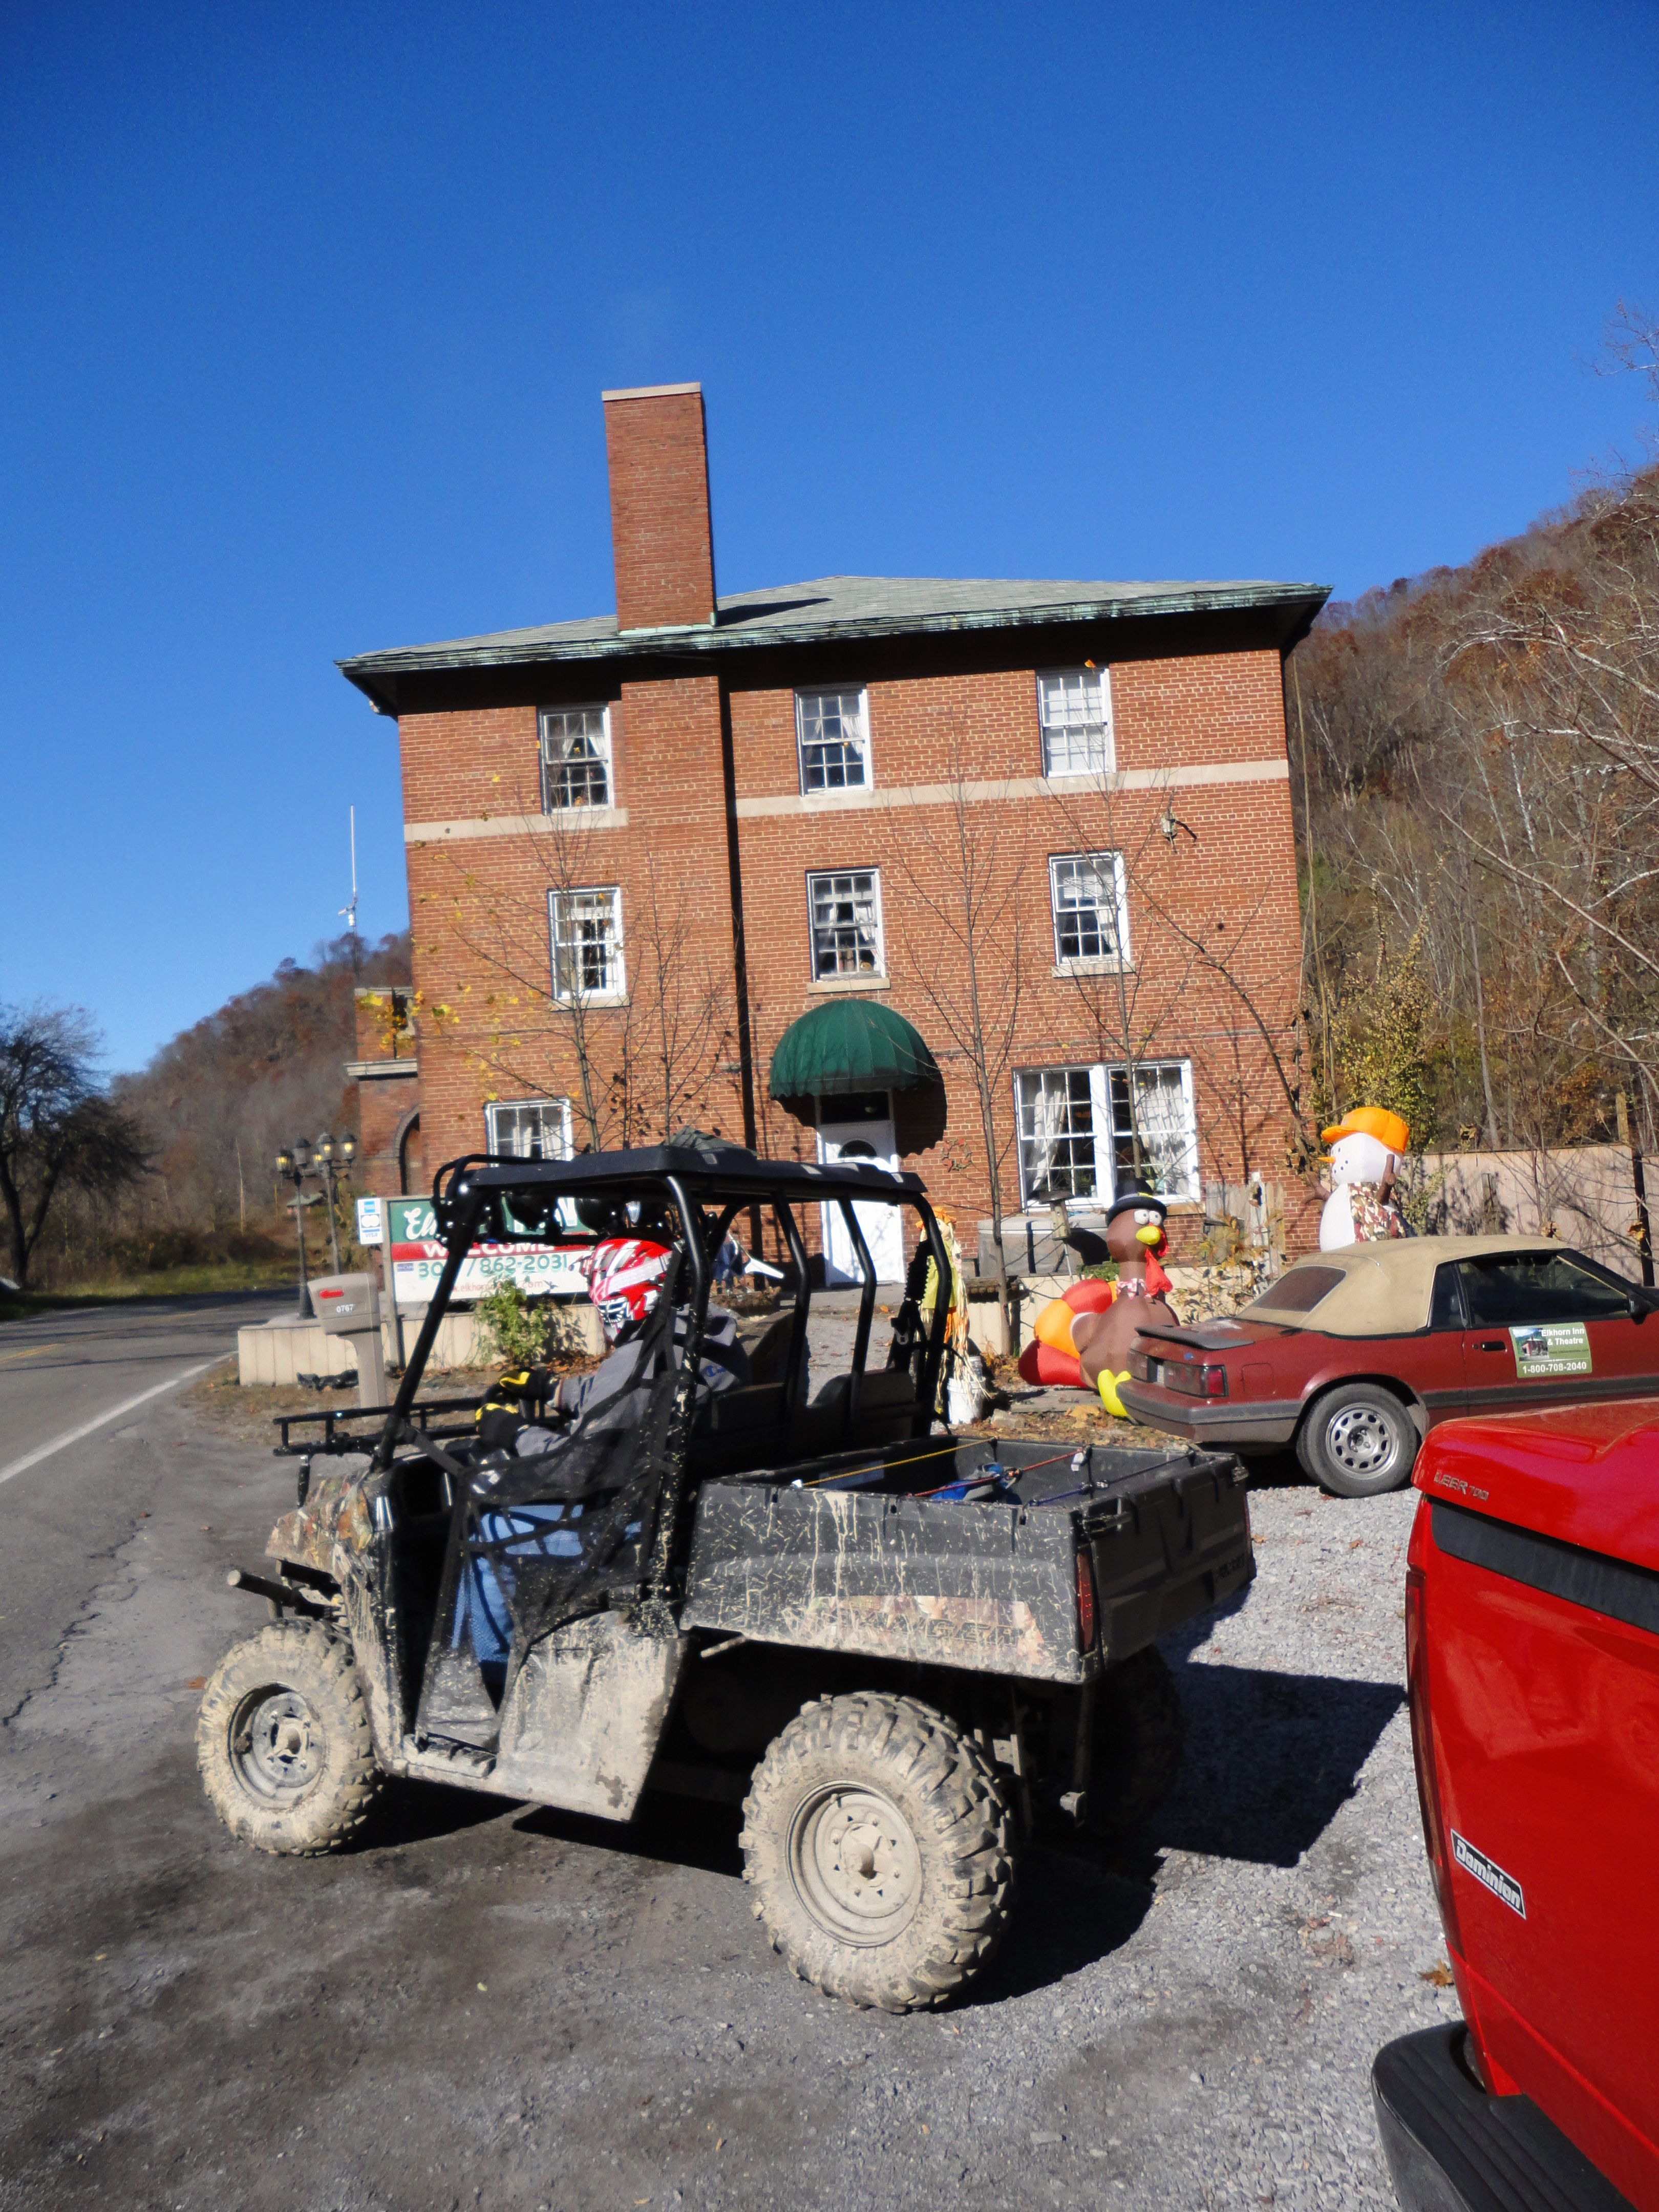 Ranger in front of the Elkhorn Inn at Landgraff WV